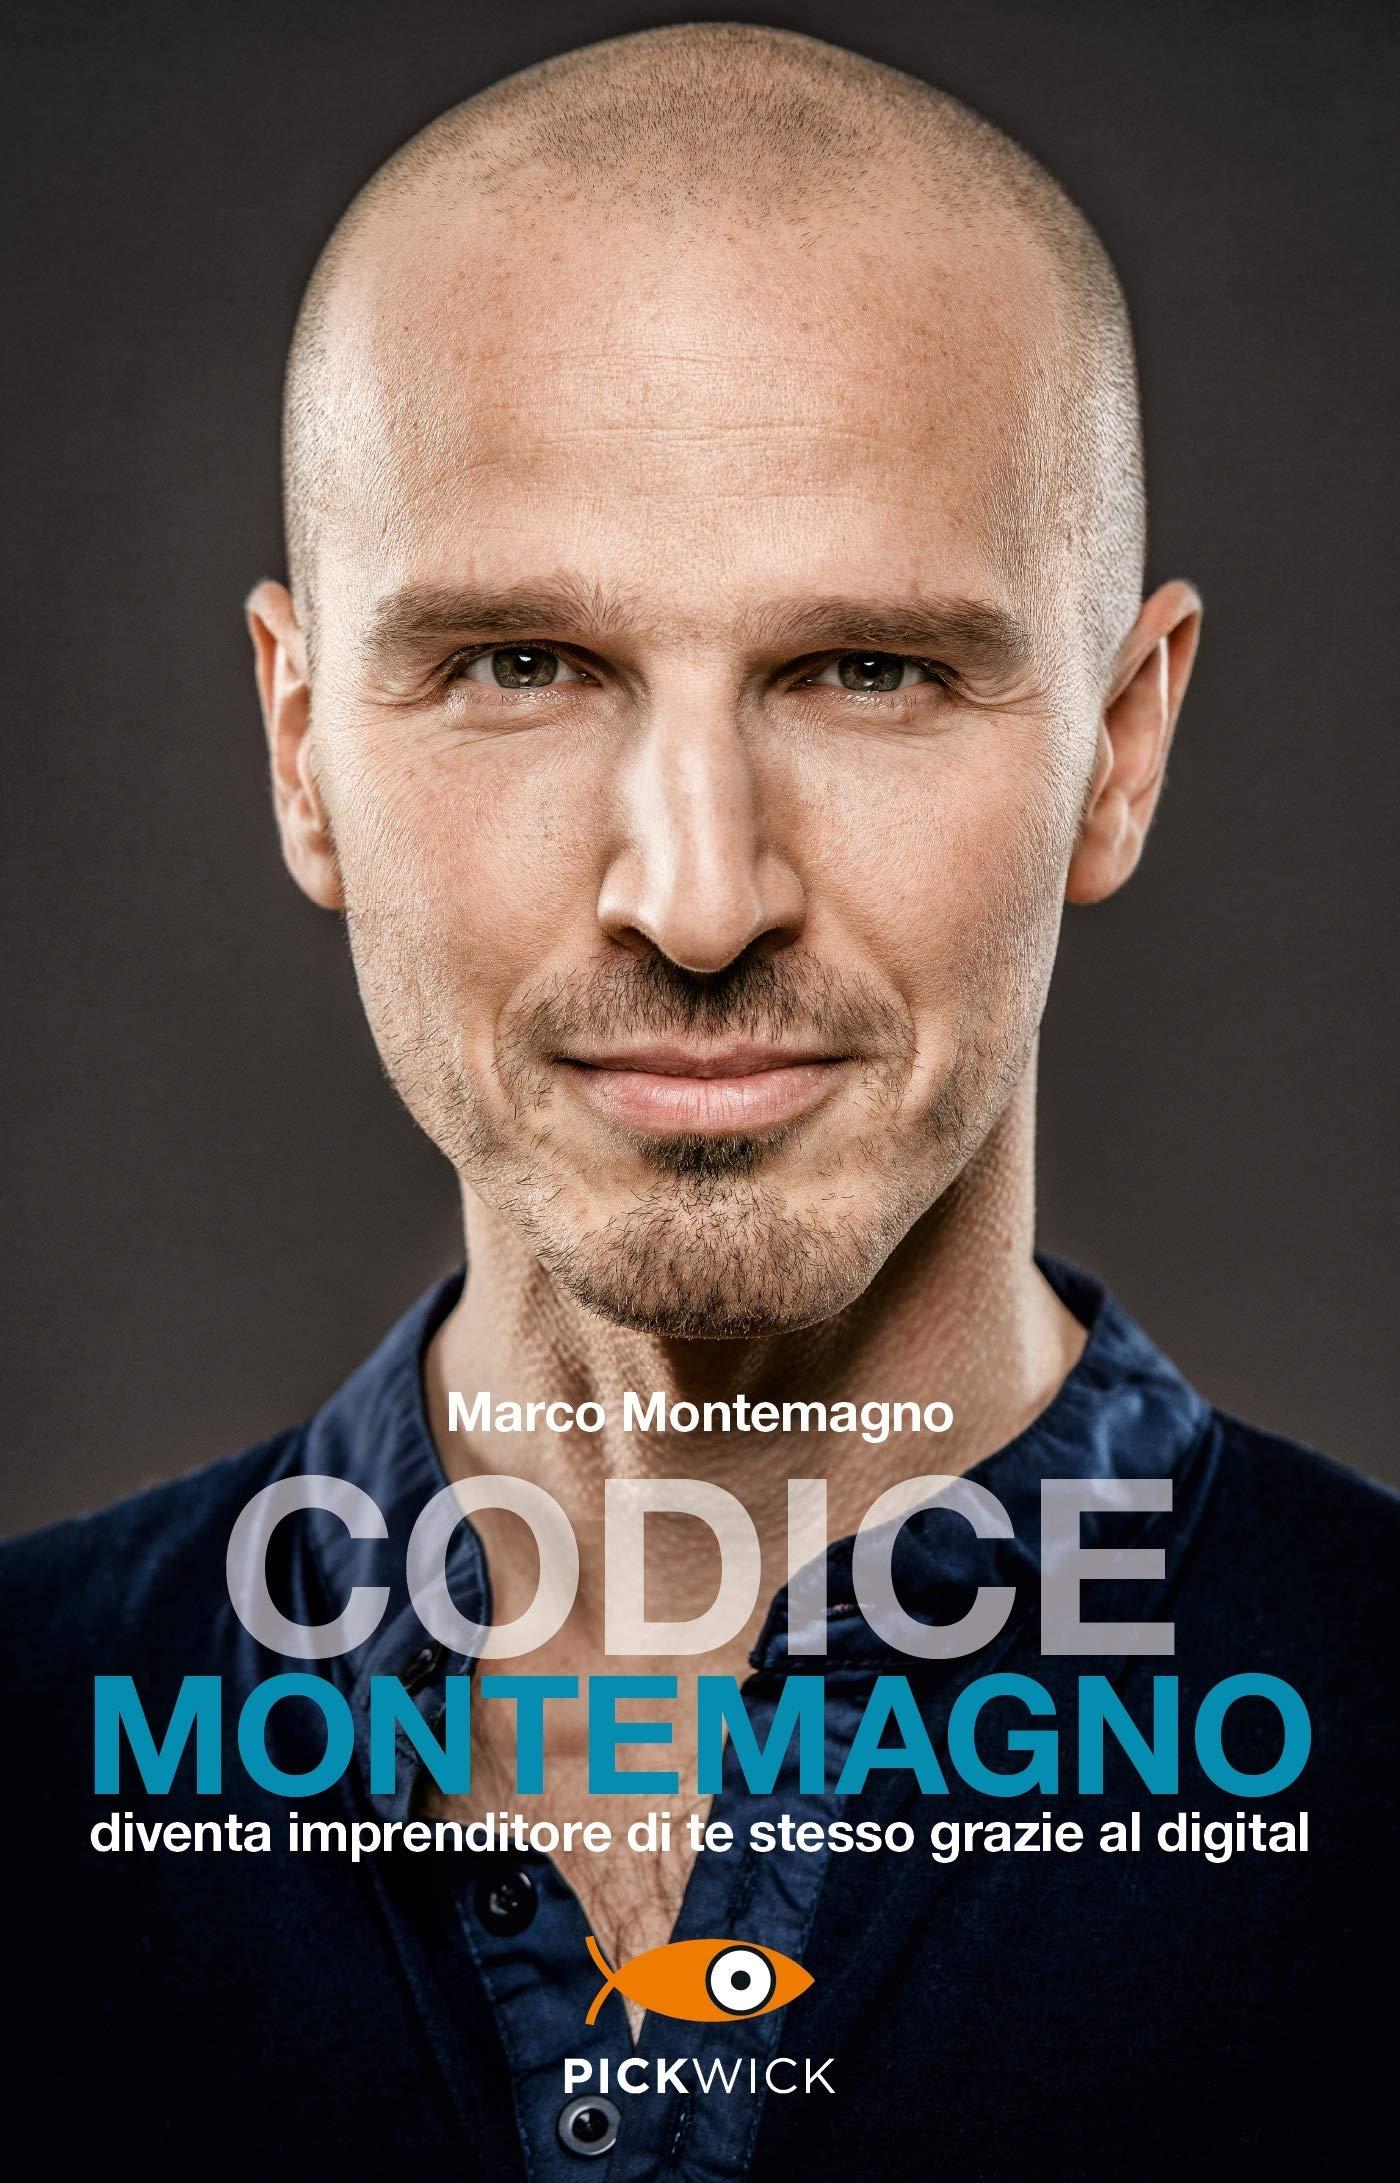 Codice Montemagno. Diventa imprenditore di te stesso grazie al digital.